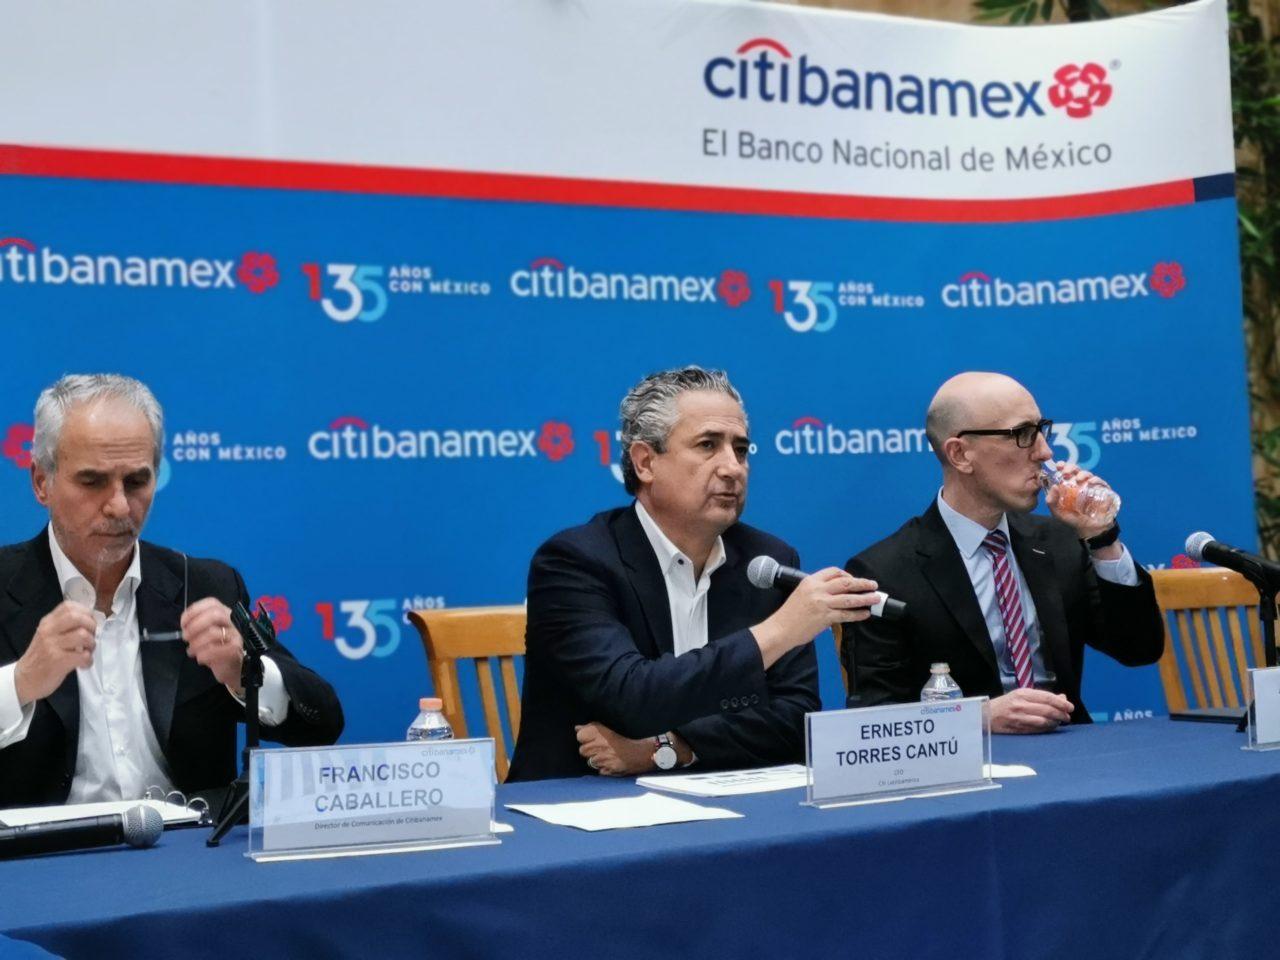 Citibanamex destaca crecimiento de utilidades del 26% en el 3T19